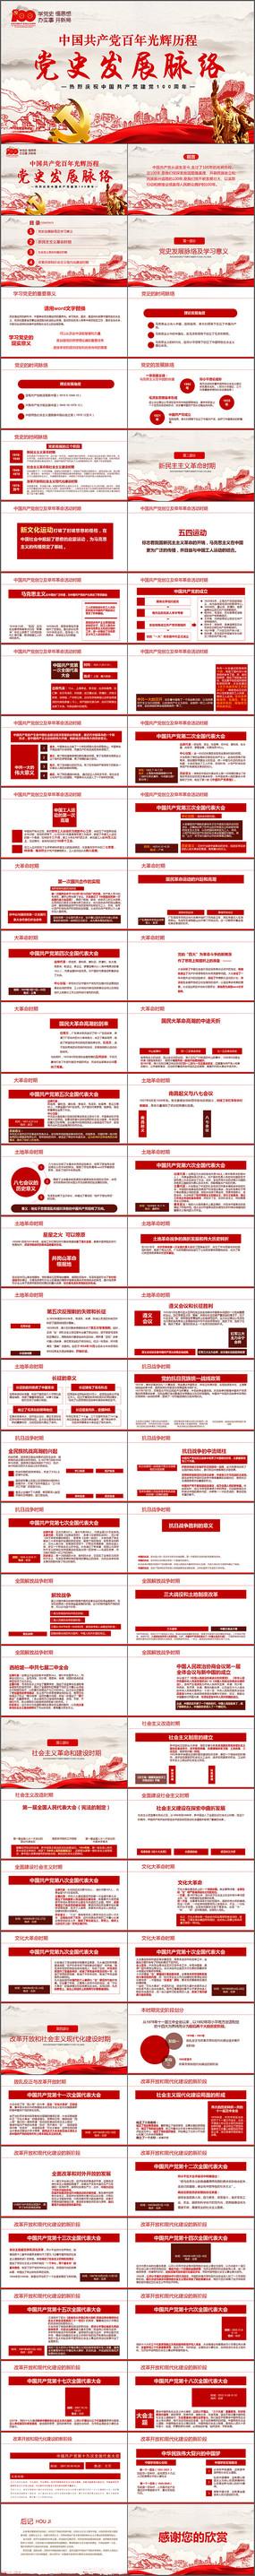 建党100周年党的光辉历程党课党史ppt